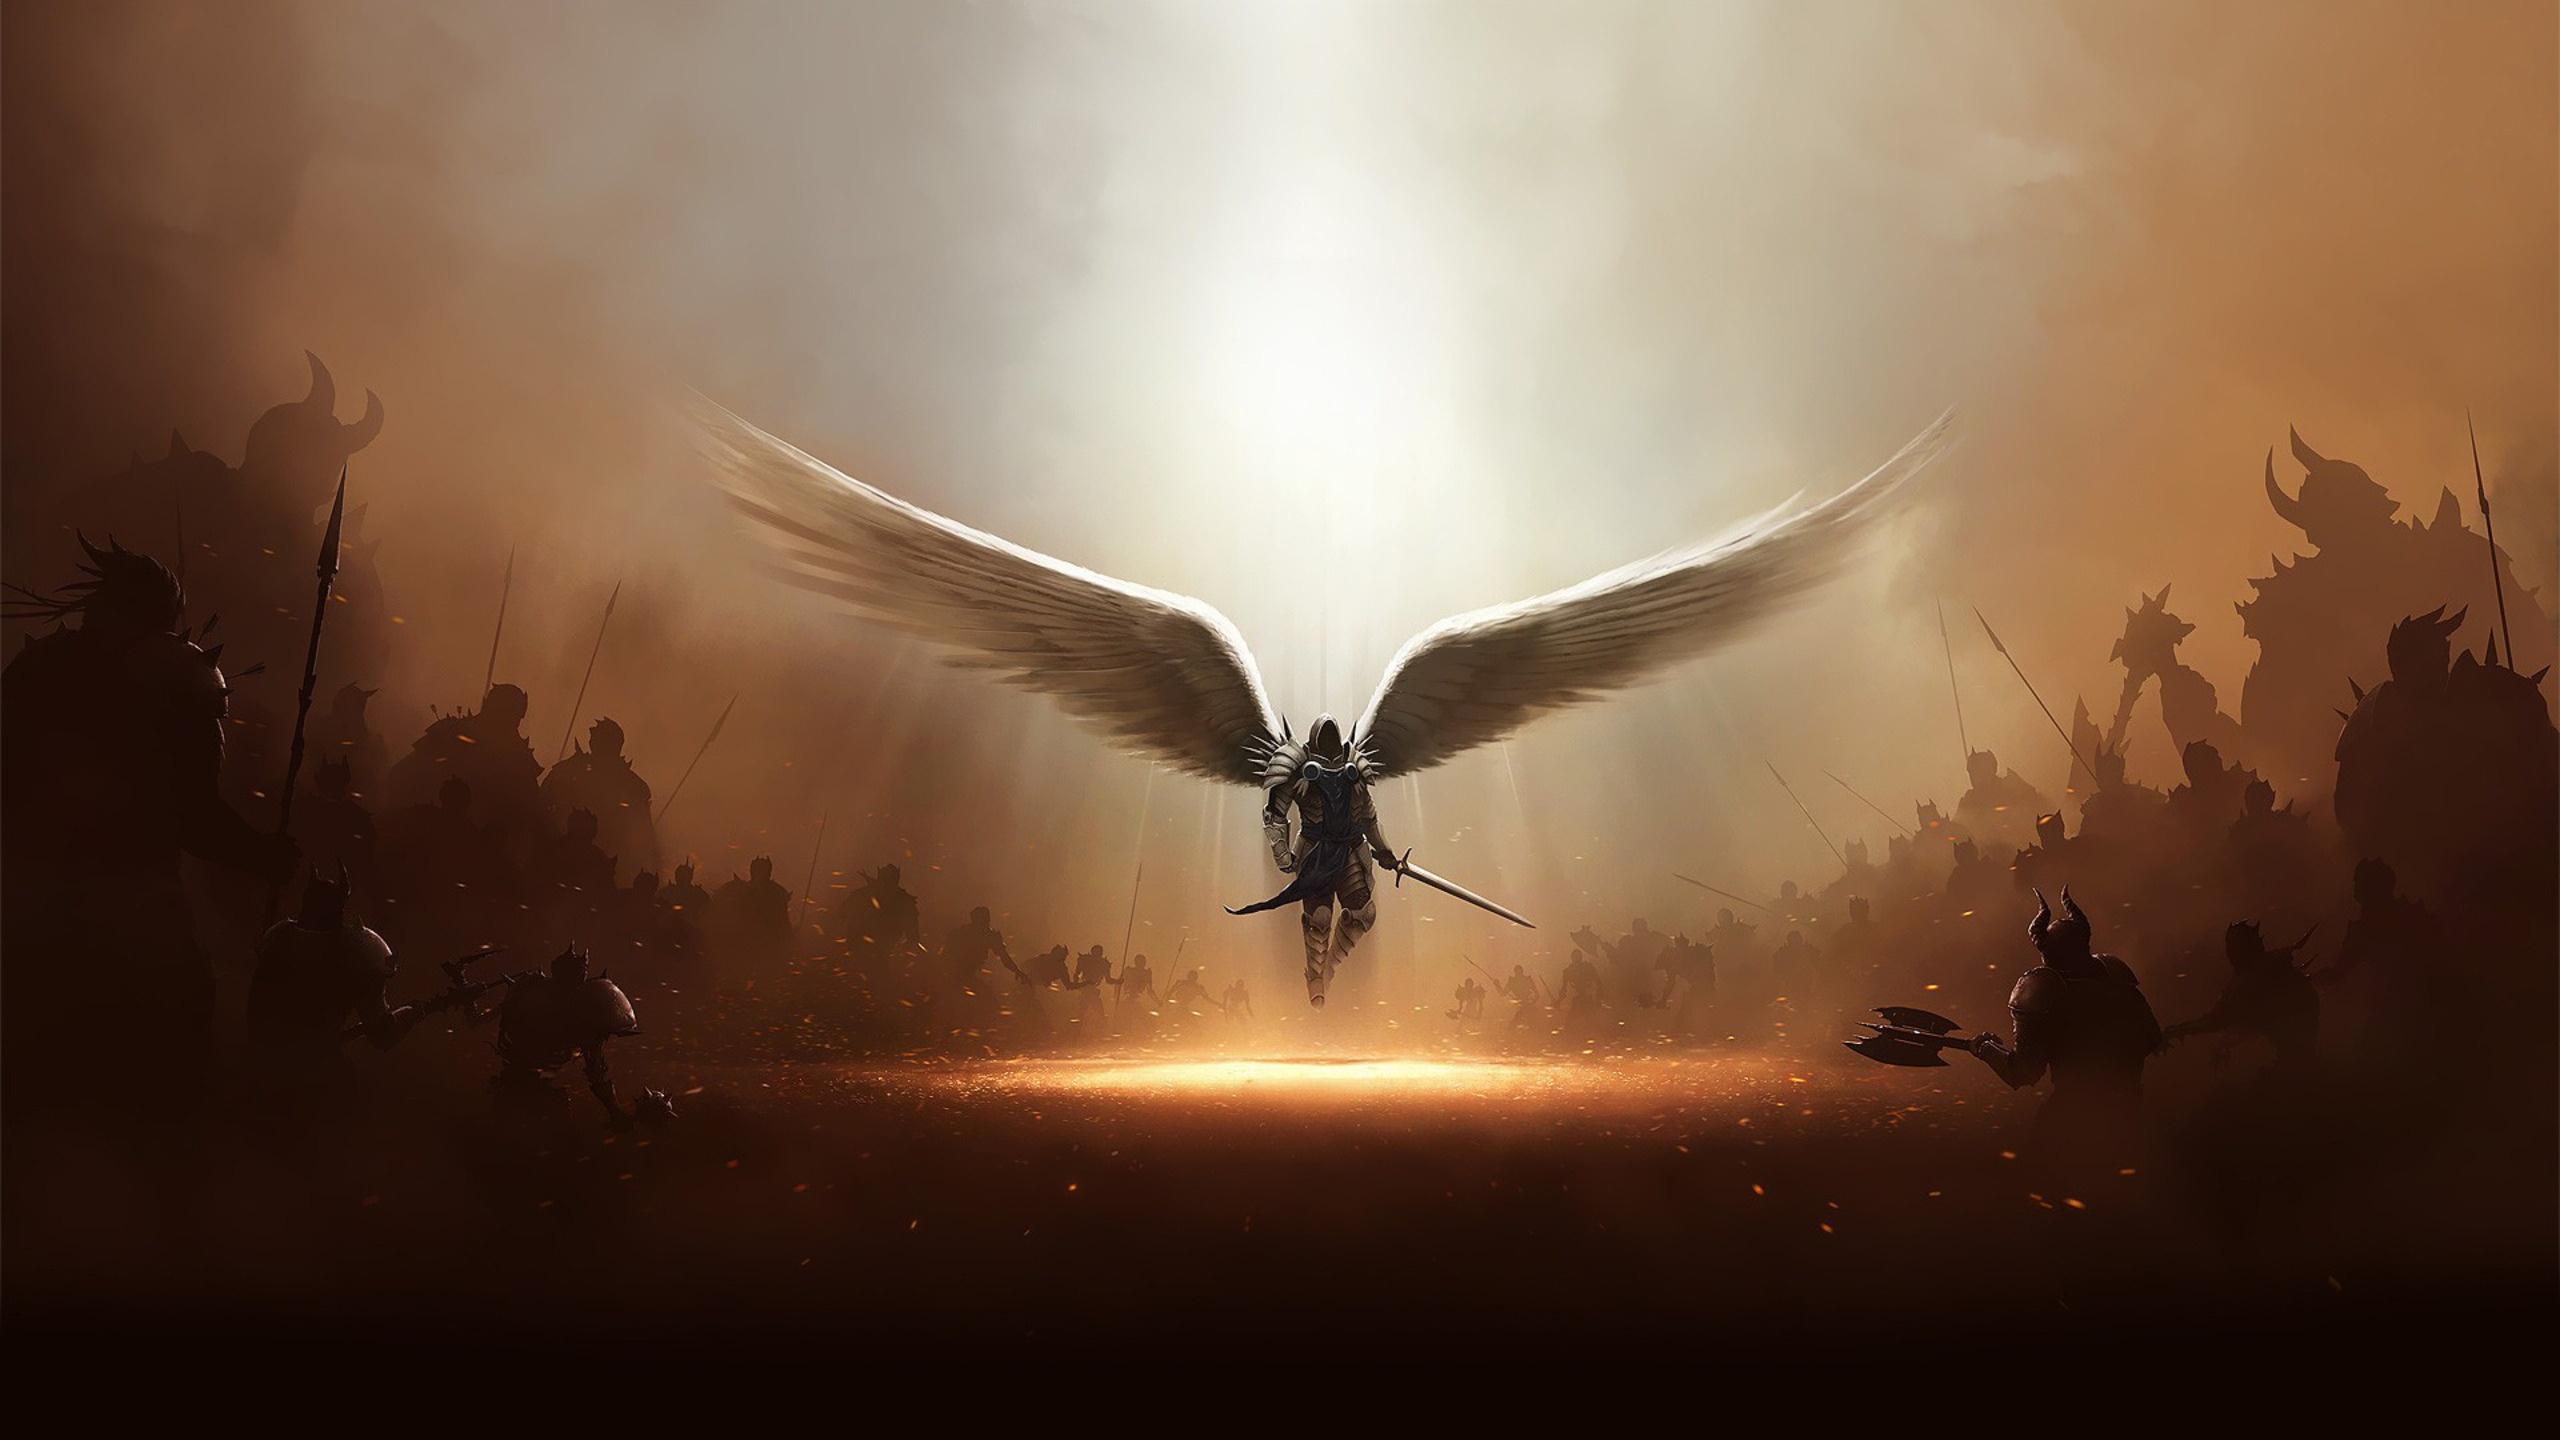 Fantasy Black Angel Wallpaper